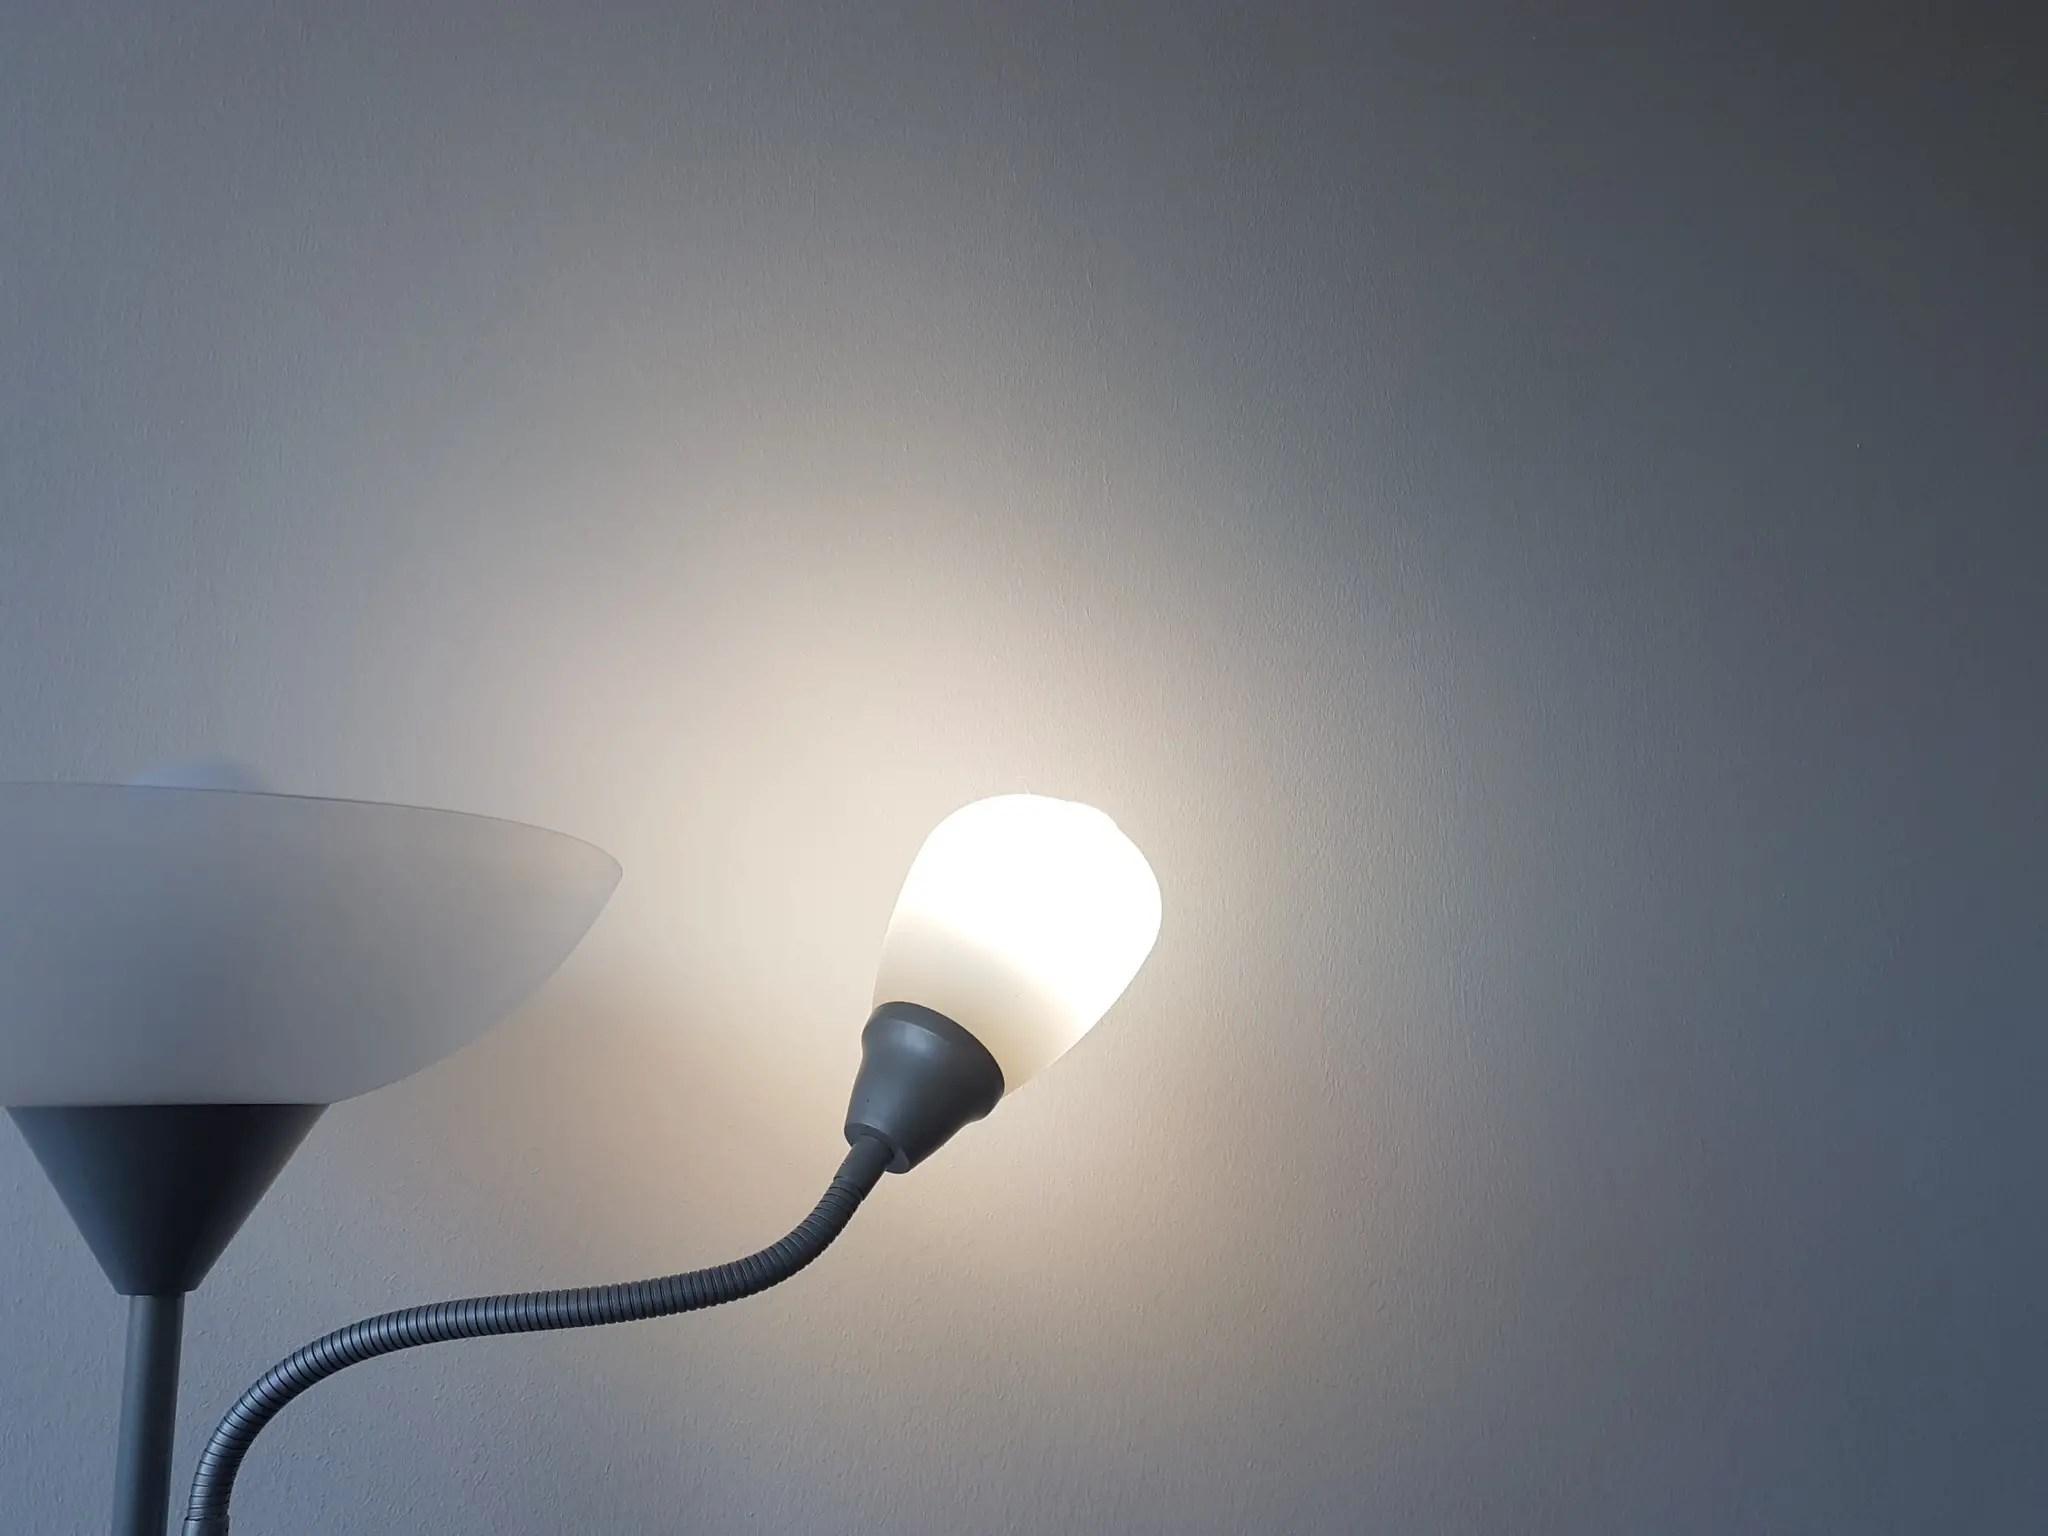 Tageslichtlampe Bad | Tageslichtlampe Für Badezimmer 917975 ...